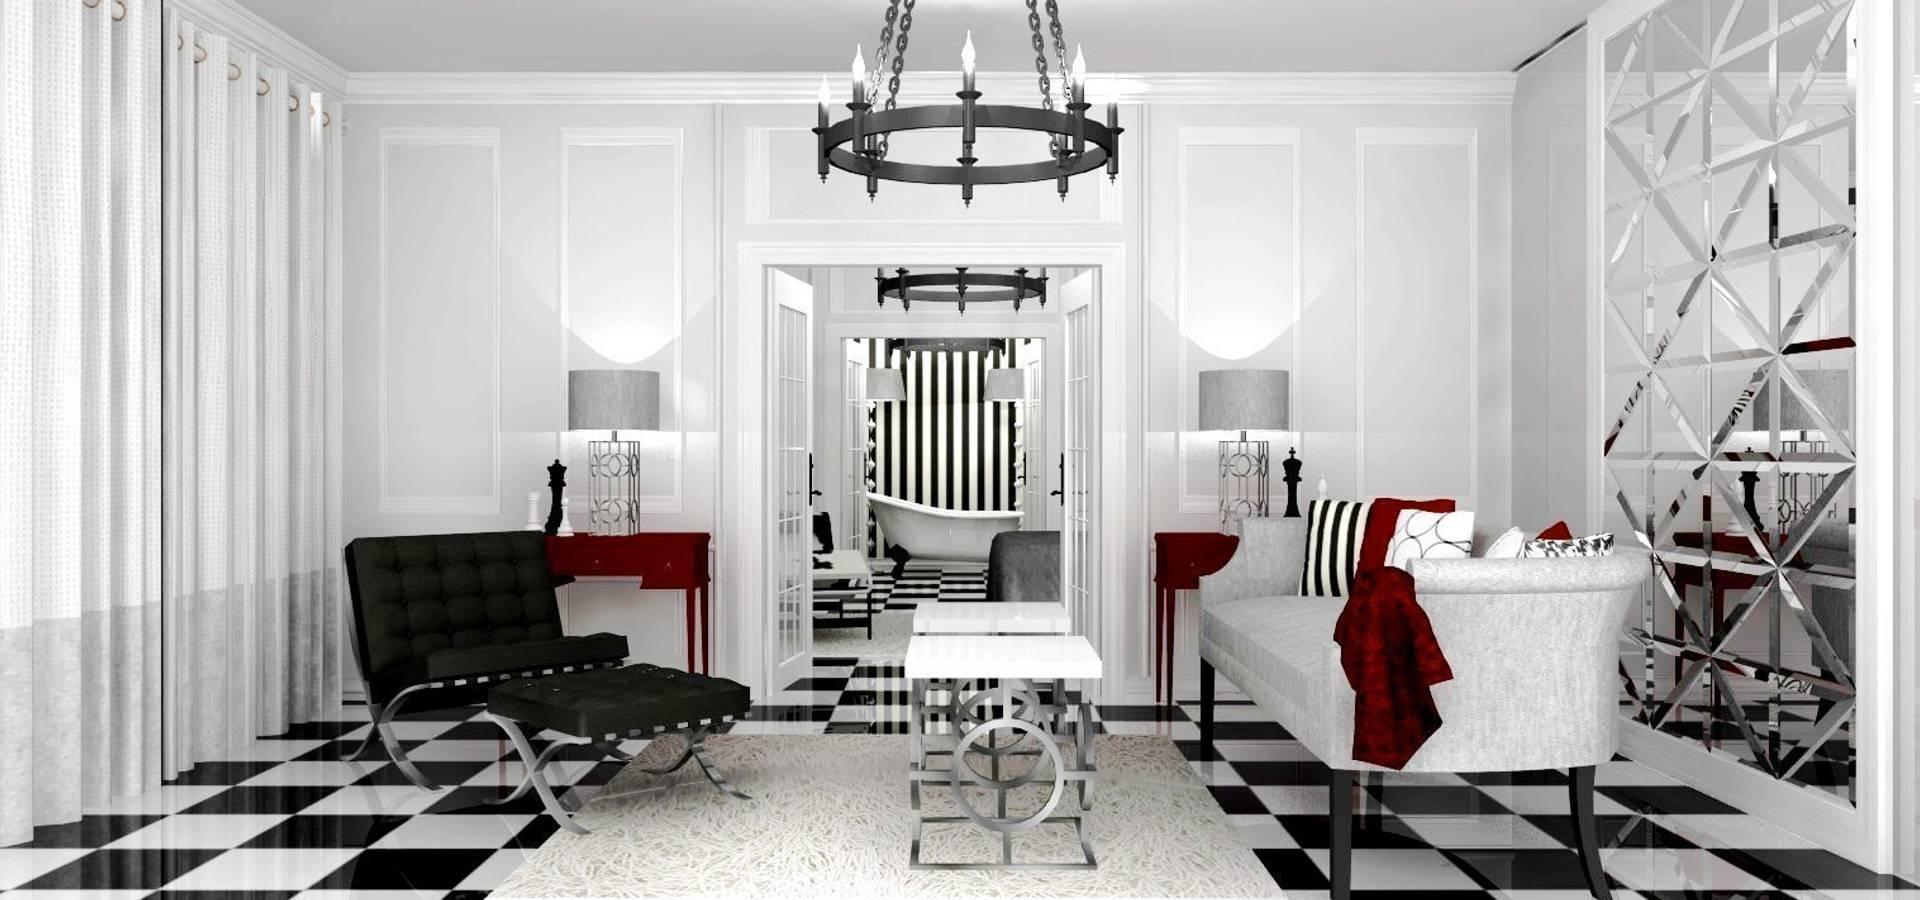 Lena Lobiv Interior Design